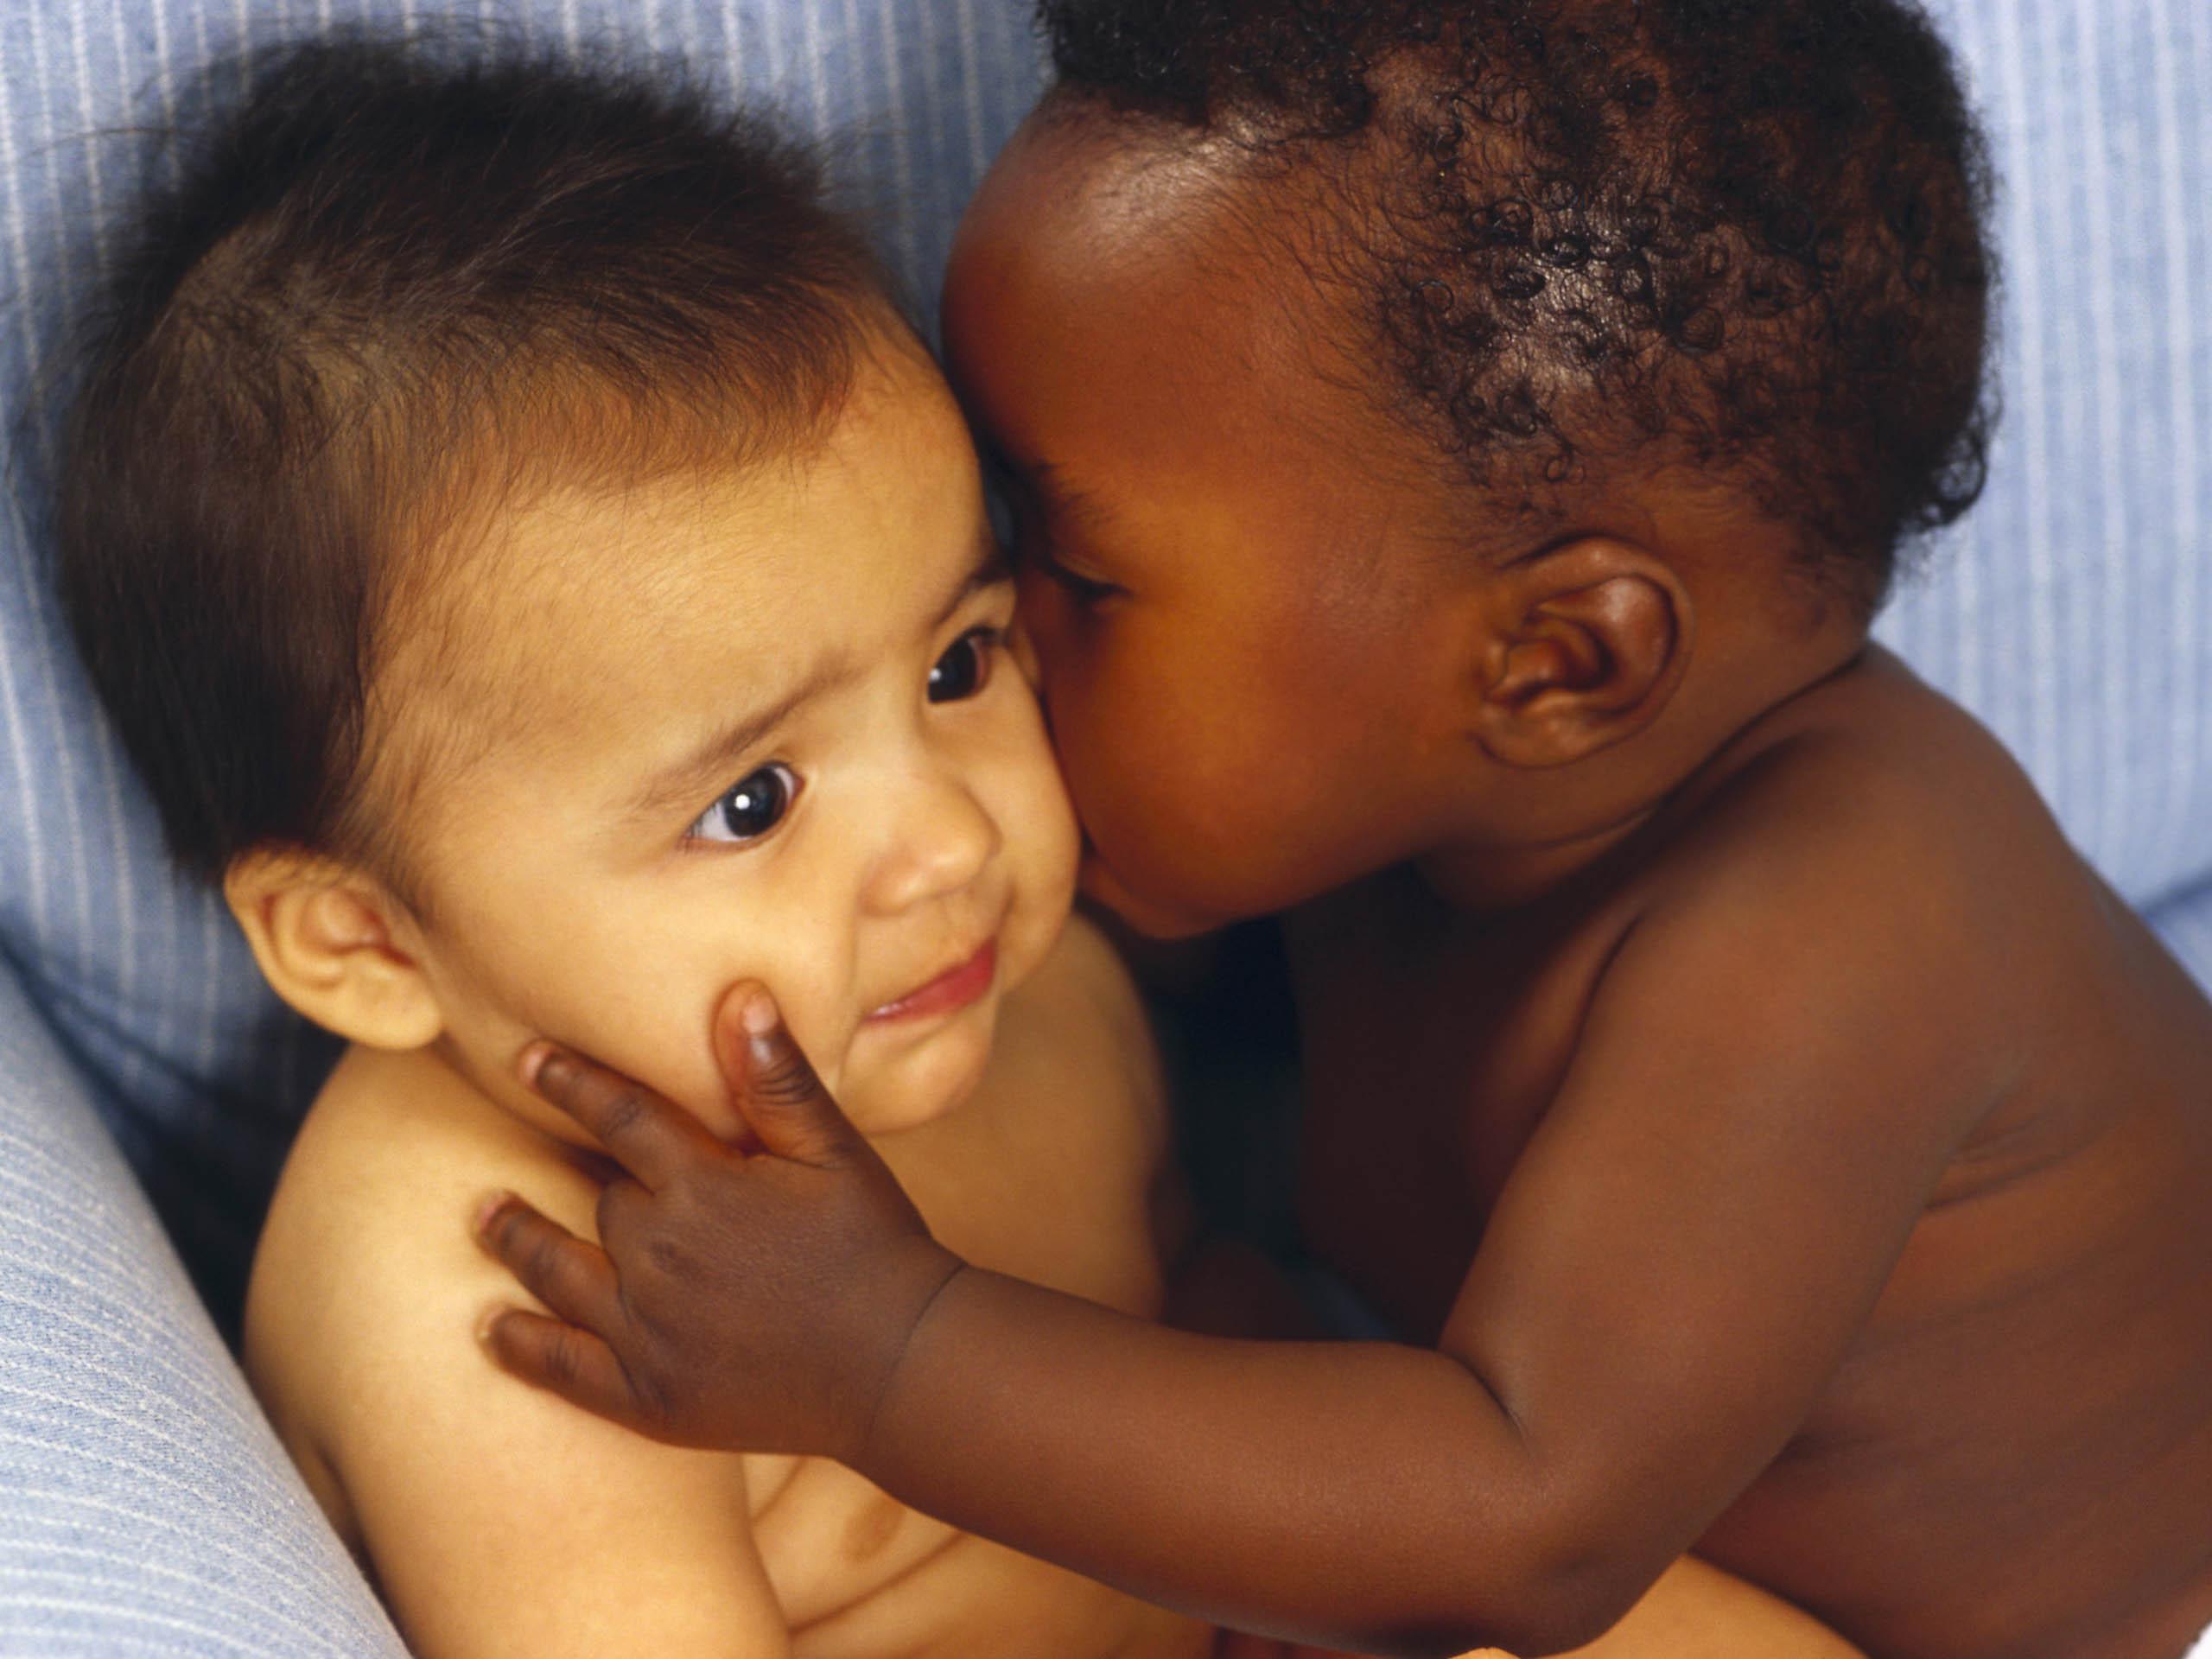 Сын трахает мать негритянку, Мама и негр: порно видео онлайн, смотреть секс ролик 5 фотография